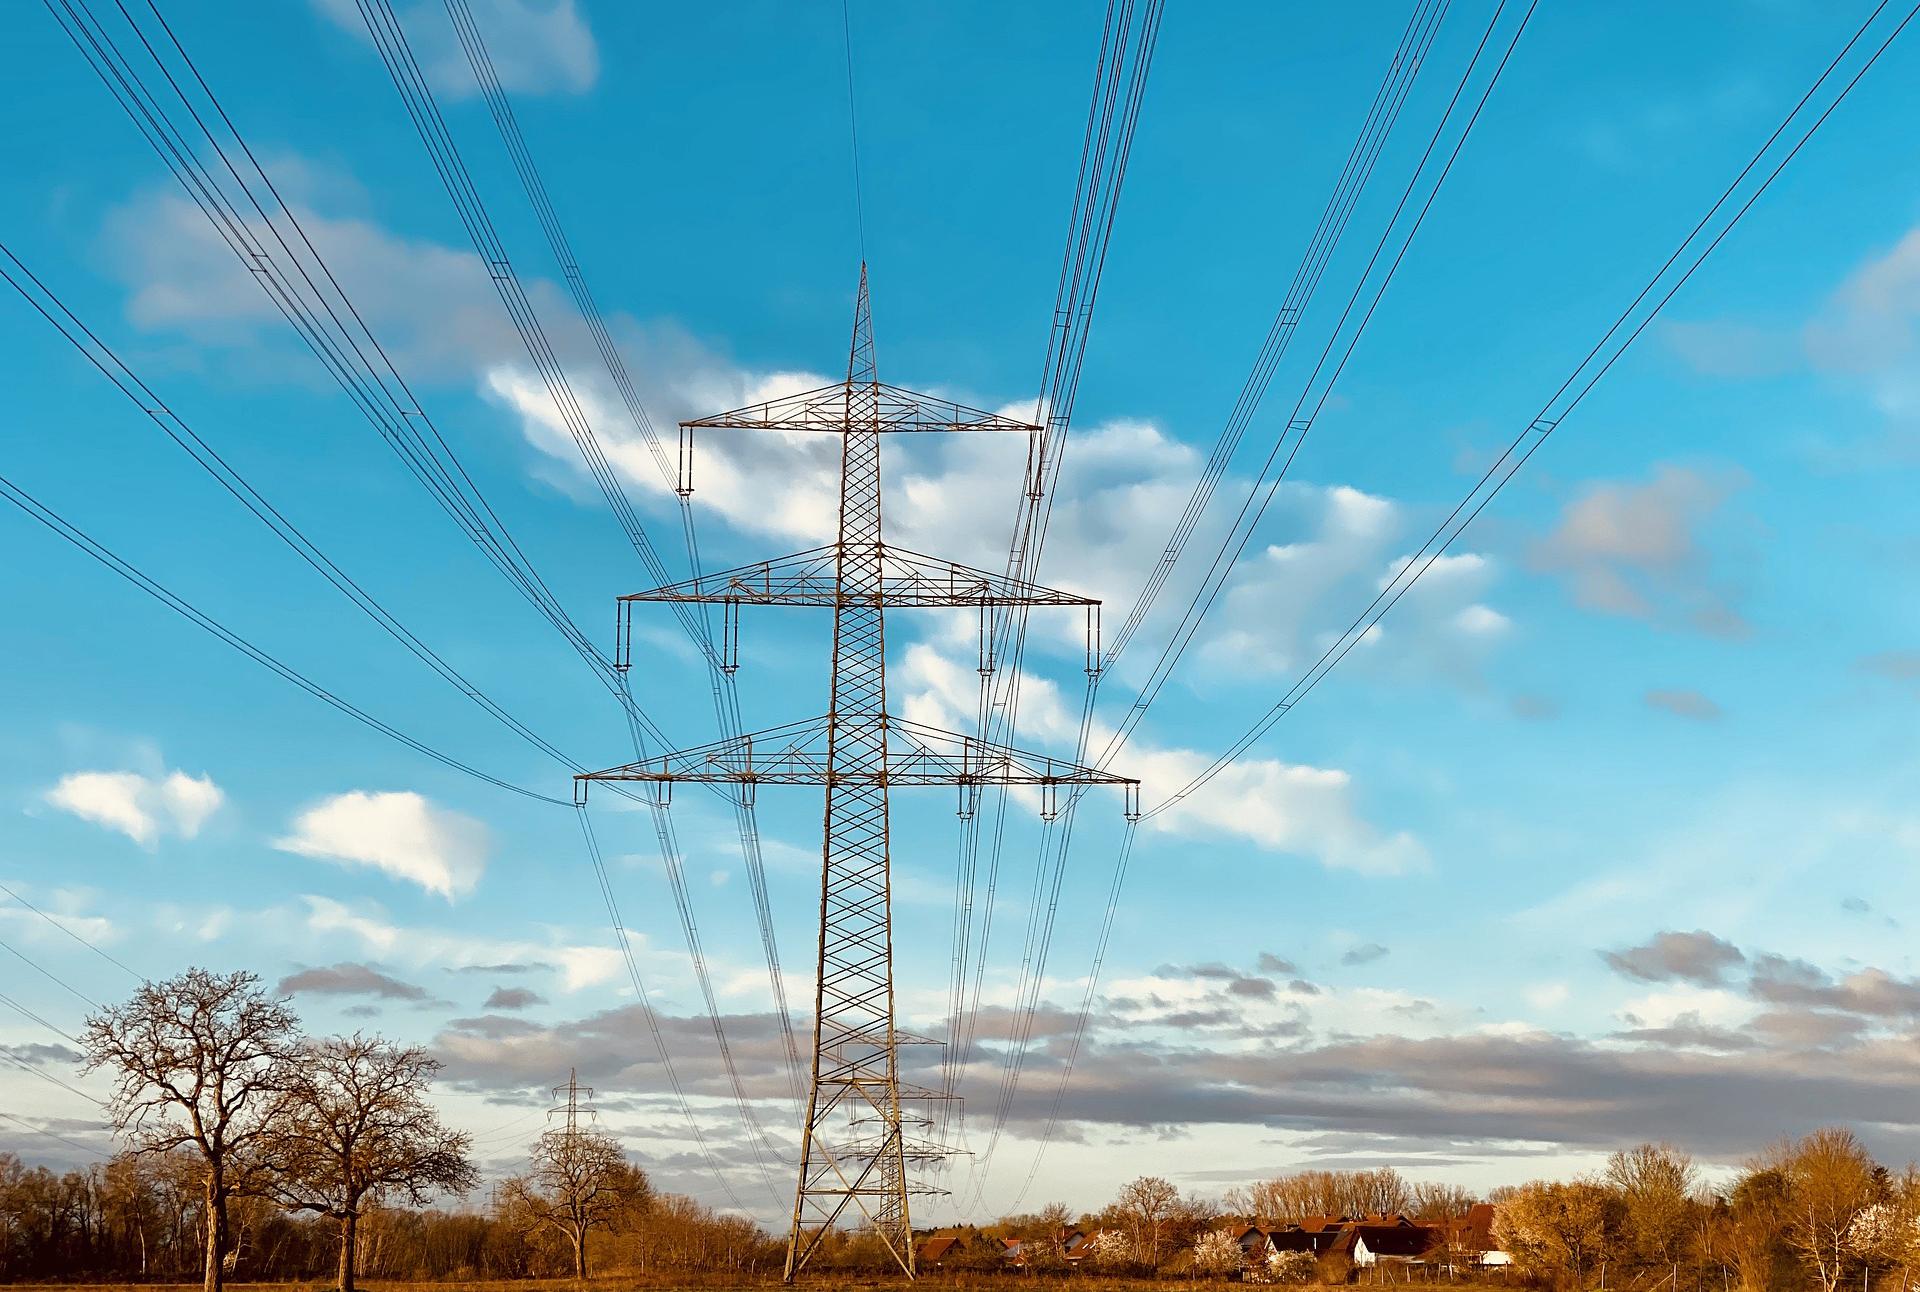 Energi - högspänningstransmission